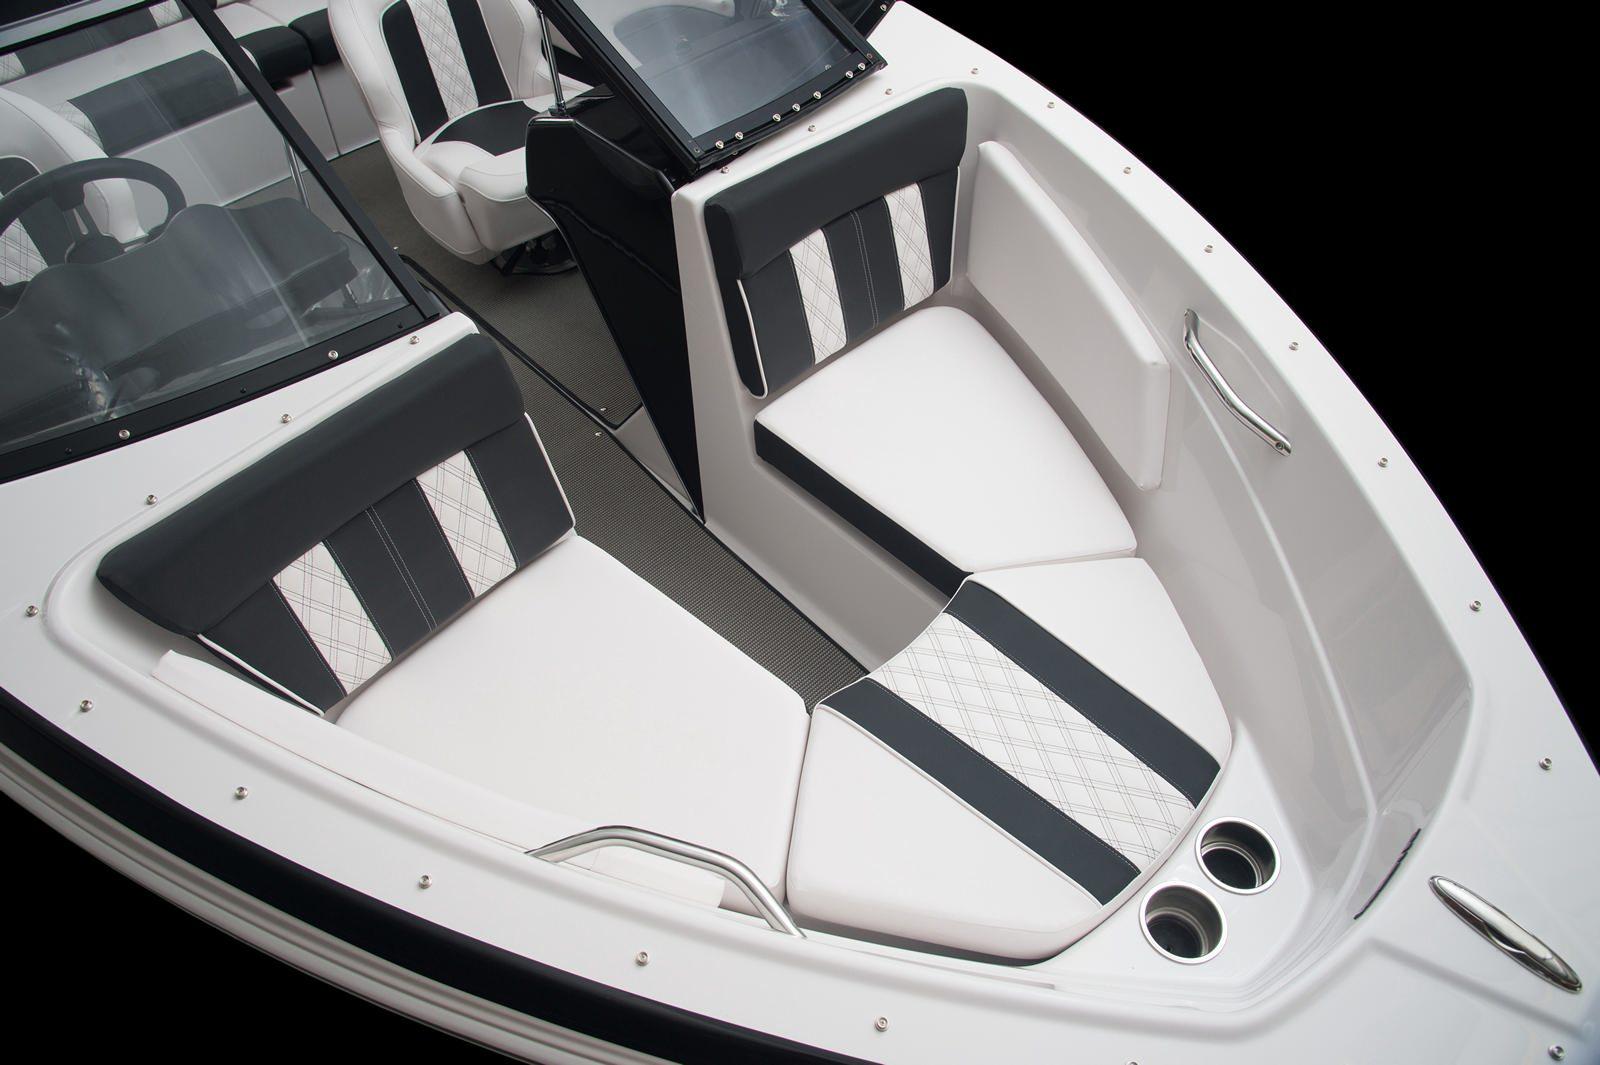 סירת ספורט Glastron 180 GT/GTS - סטרים יאכטות